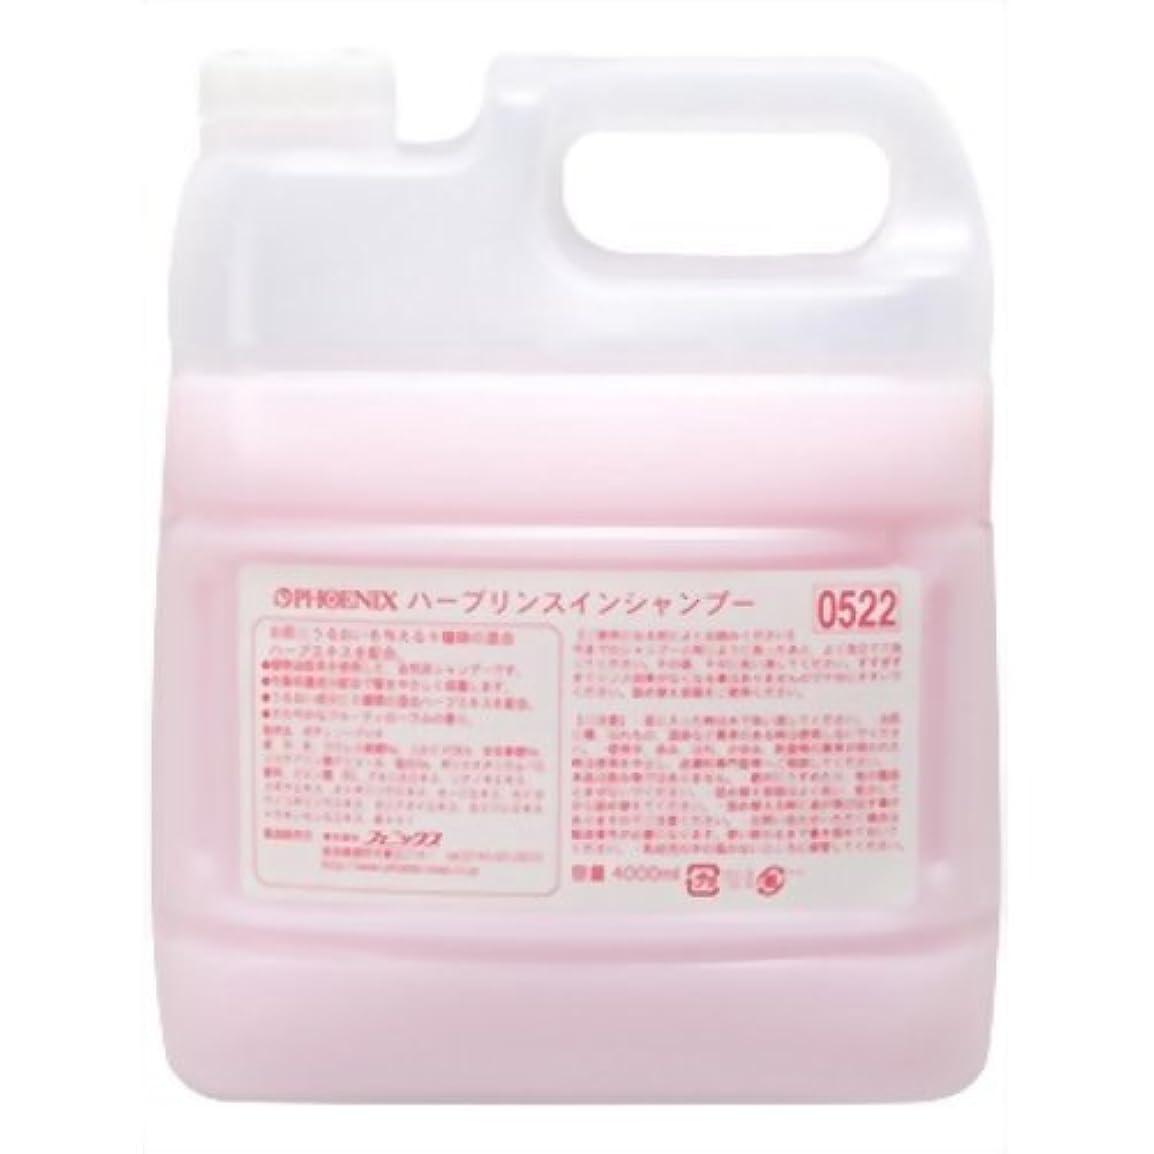 脱走ポーン治すフェニックス ハーブリンスインシャンプー 4L(コック付) 【品番】ZSY6801